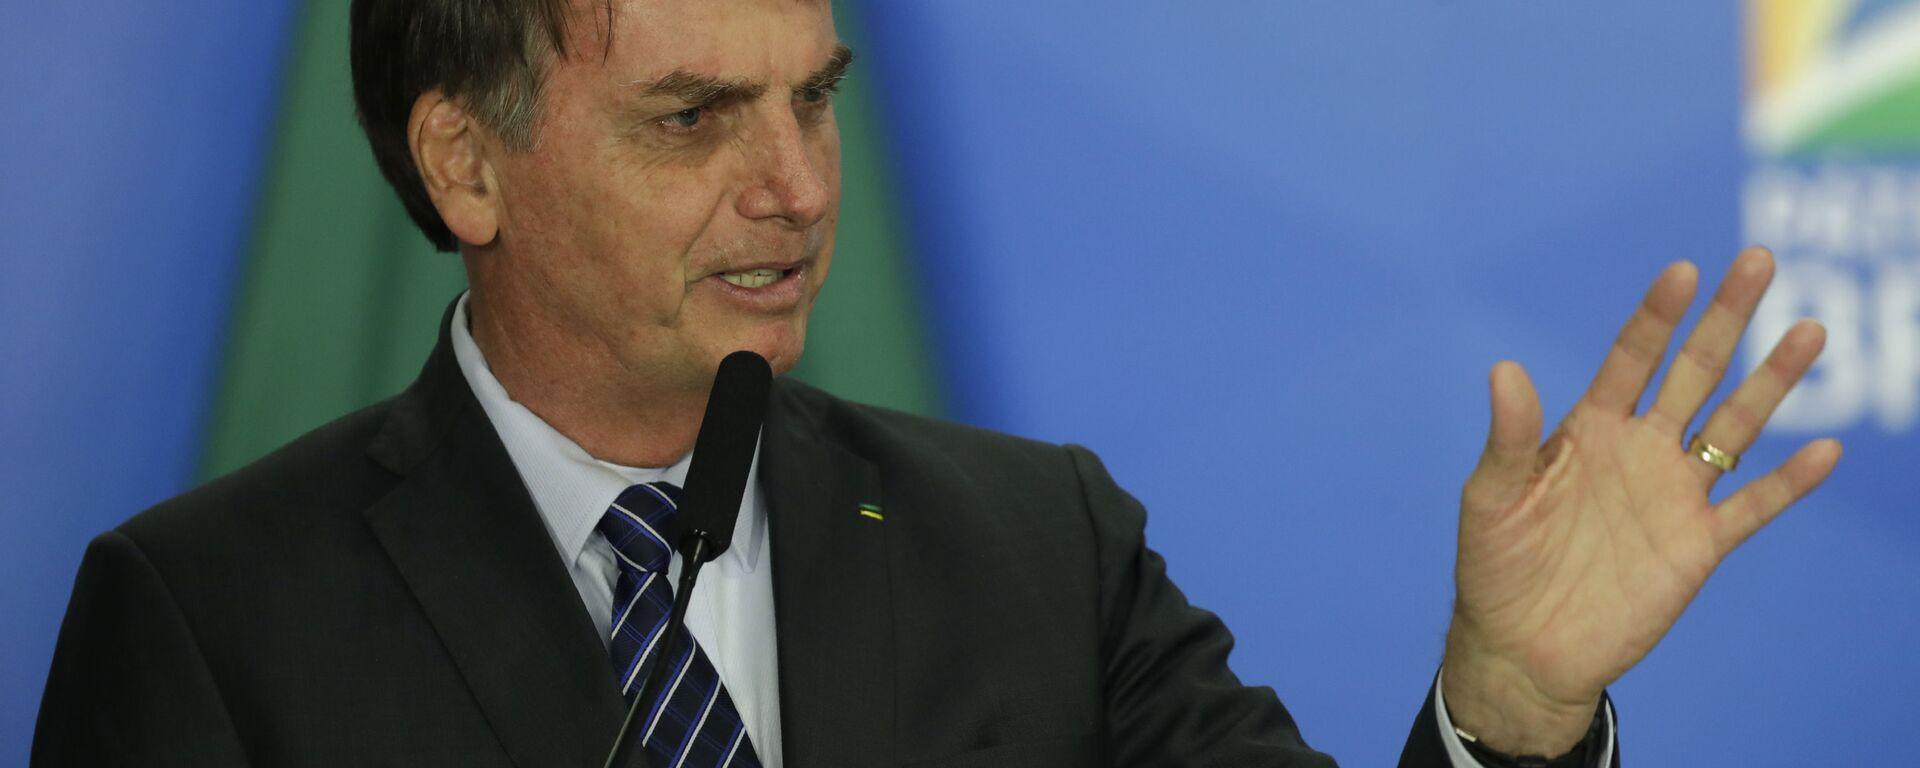 Jair Bolsonaro, el presidente de Brasil - Sputnik Mundo, 1920, 03.09.2021